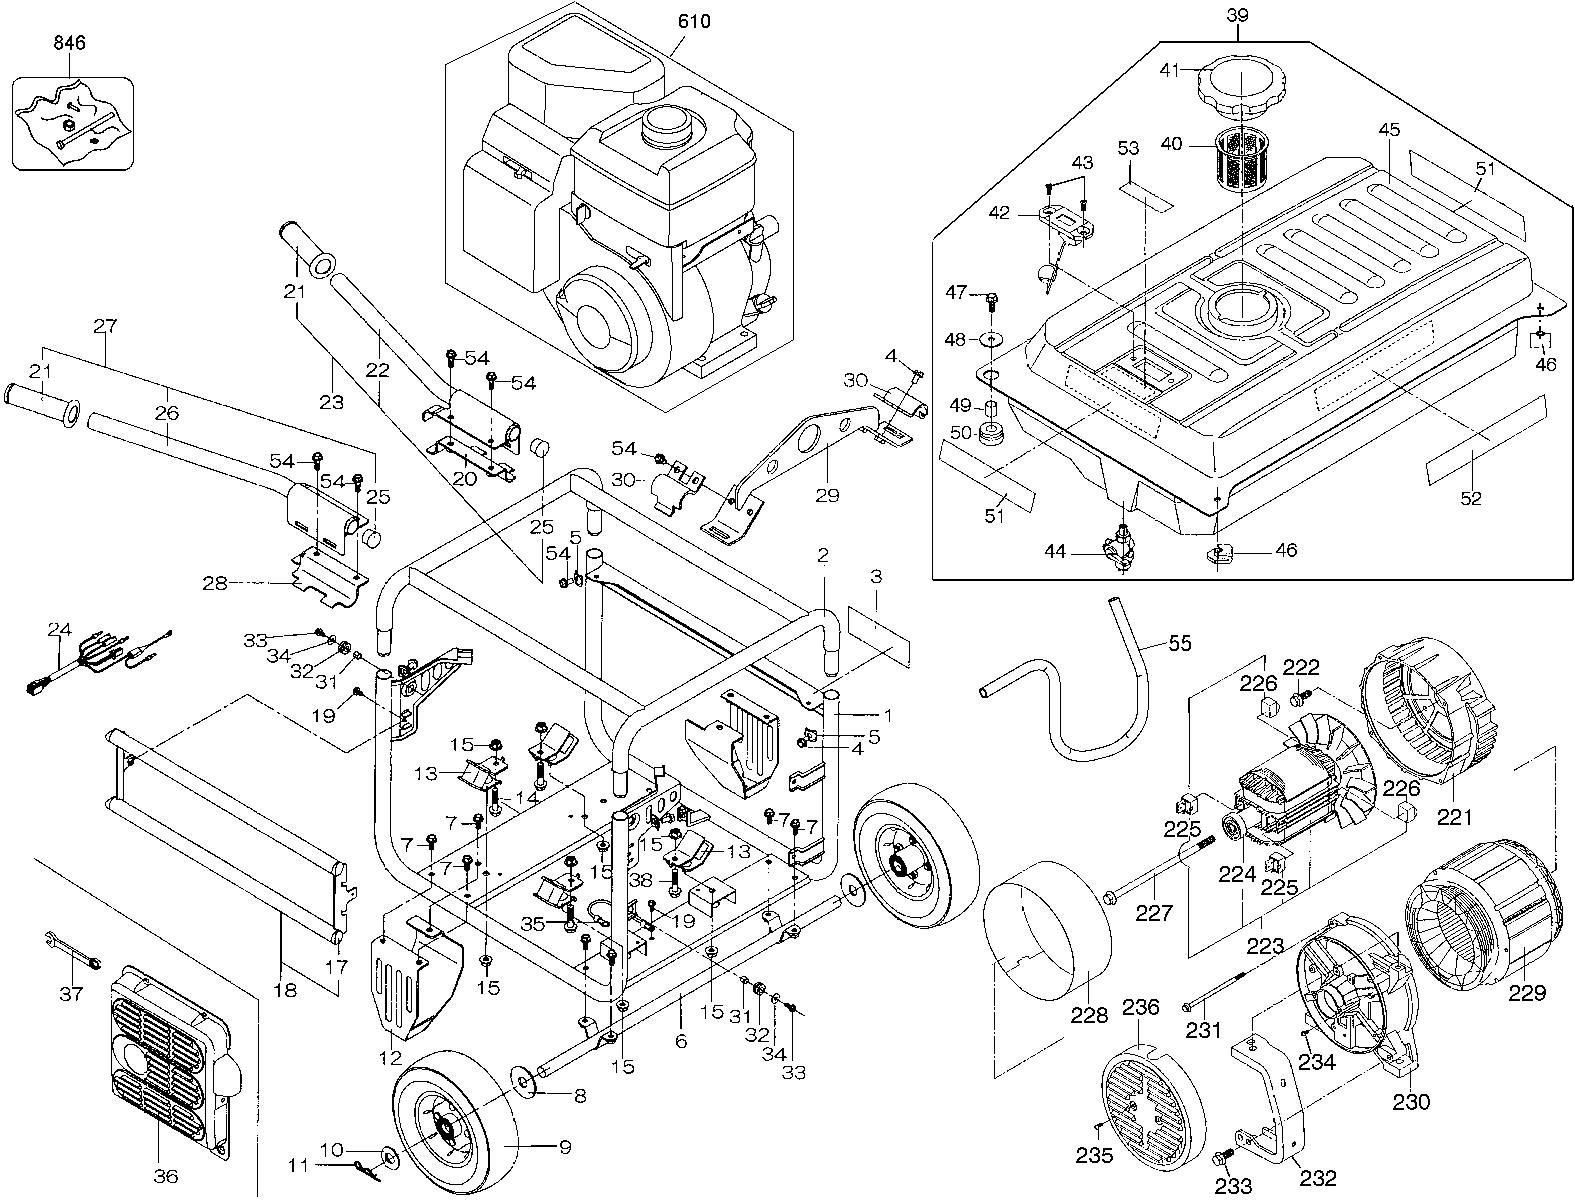 [SCHEMATICS_48IU]  HV_4456] Dg6000 Wiring Diagram Free Diagram   Dewalt Wiring Diagram      Iness Bedr Phae Mohammedshrine Librar Wiring 101